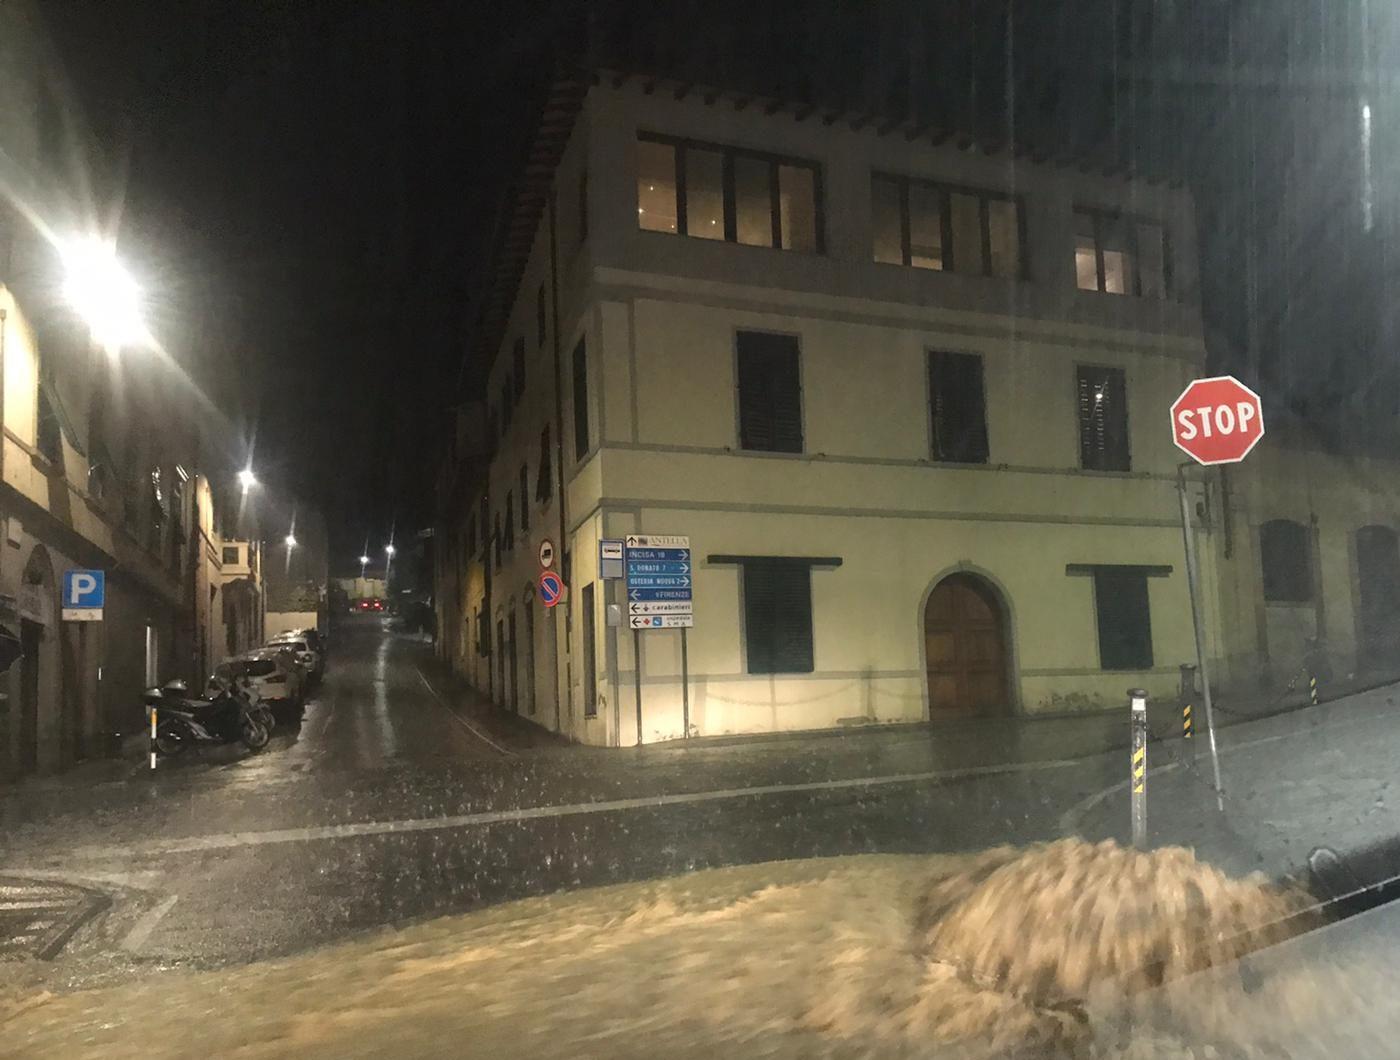 VIDEO / Antella, le strade sono un fiume: c'è il rischio allagamento